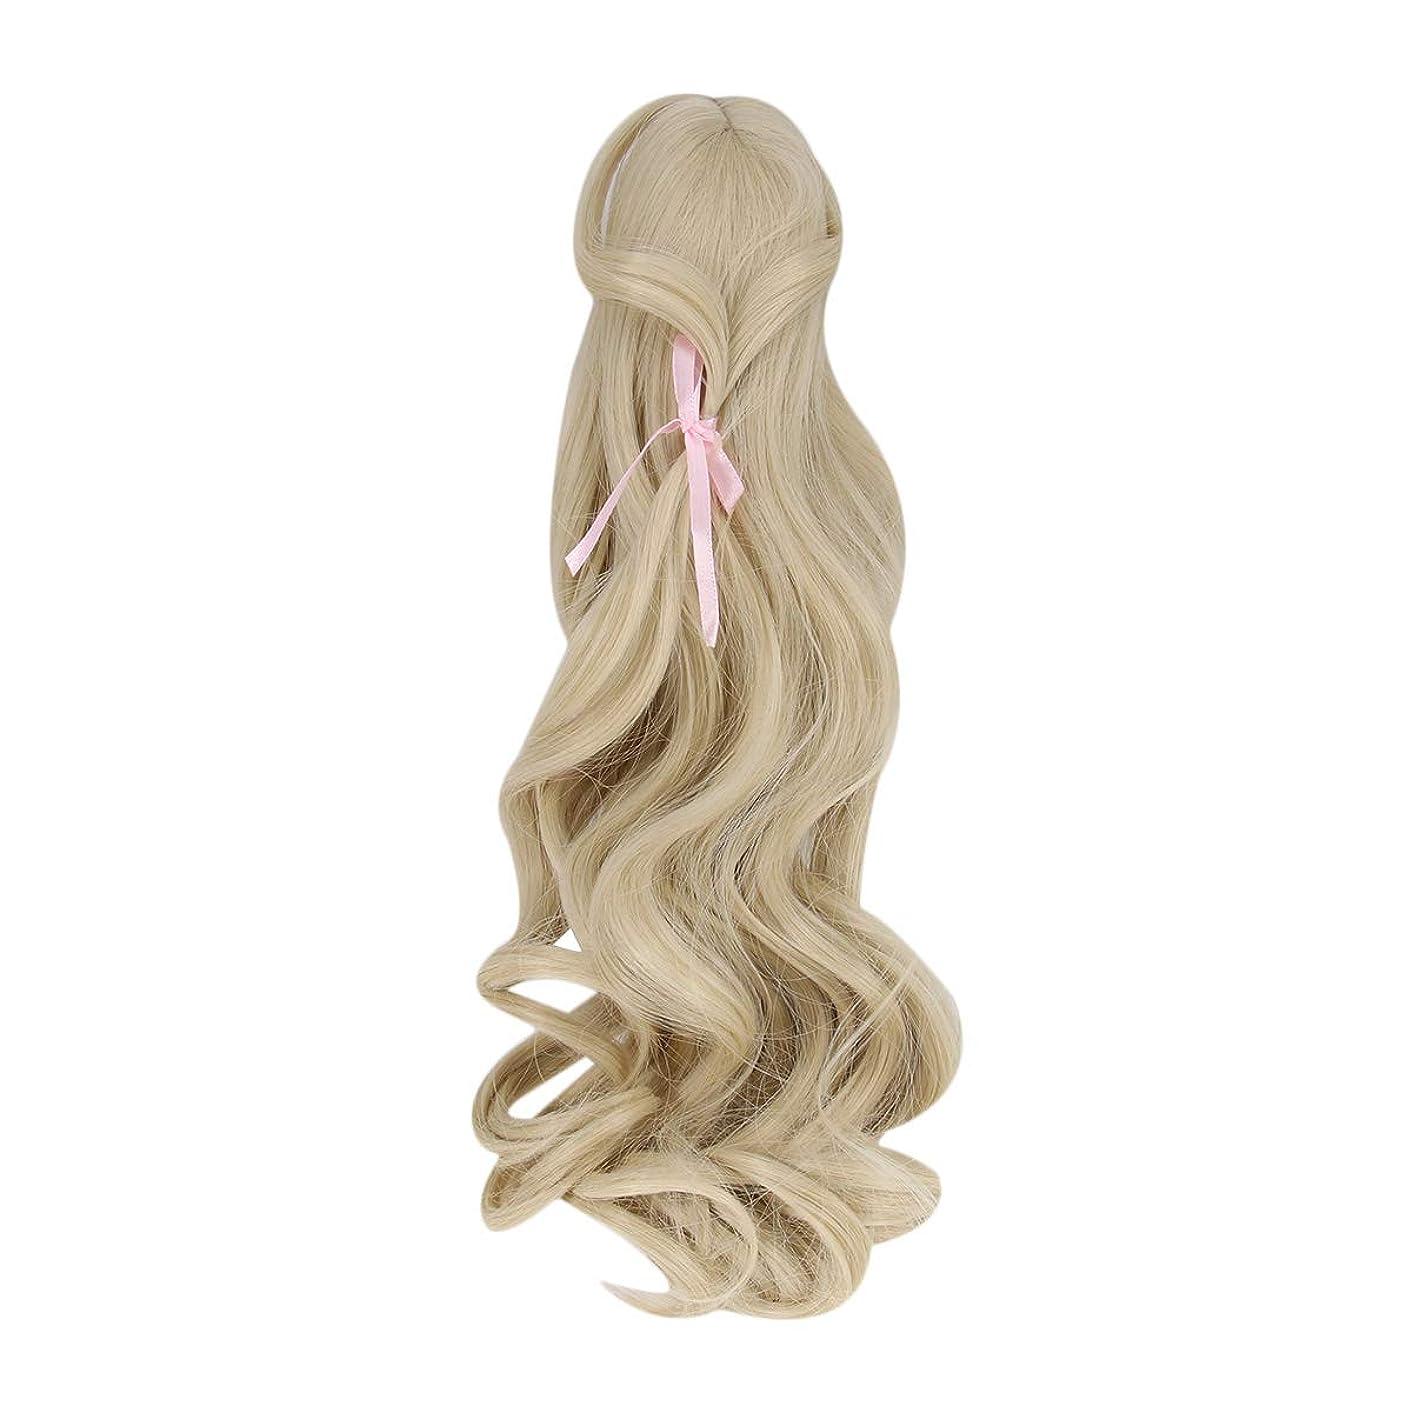 時拘束する高めるSUPVOX 人形のかつら長い巻き毛のかつらロリ高温シルクウィッグ装飾22?24センチメートル(ライトゴールデン)